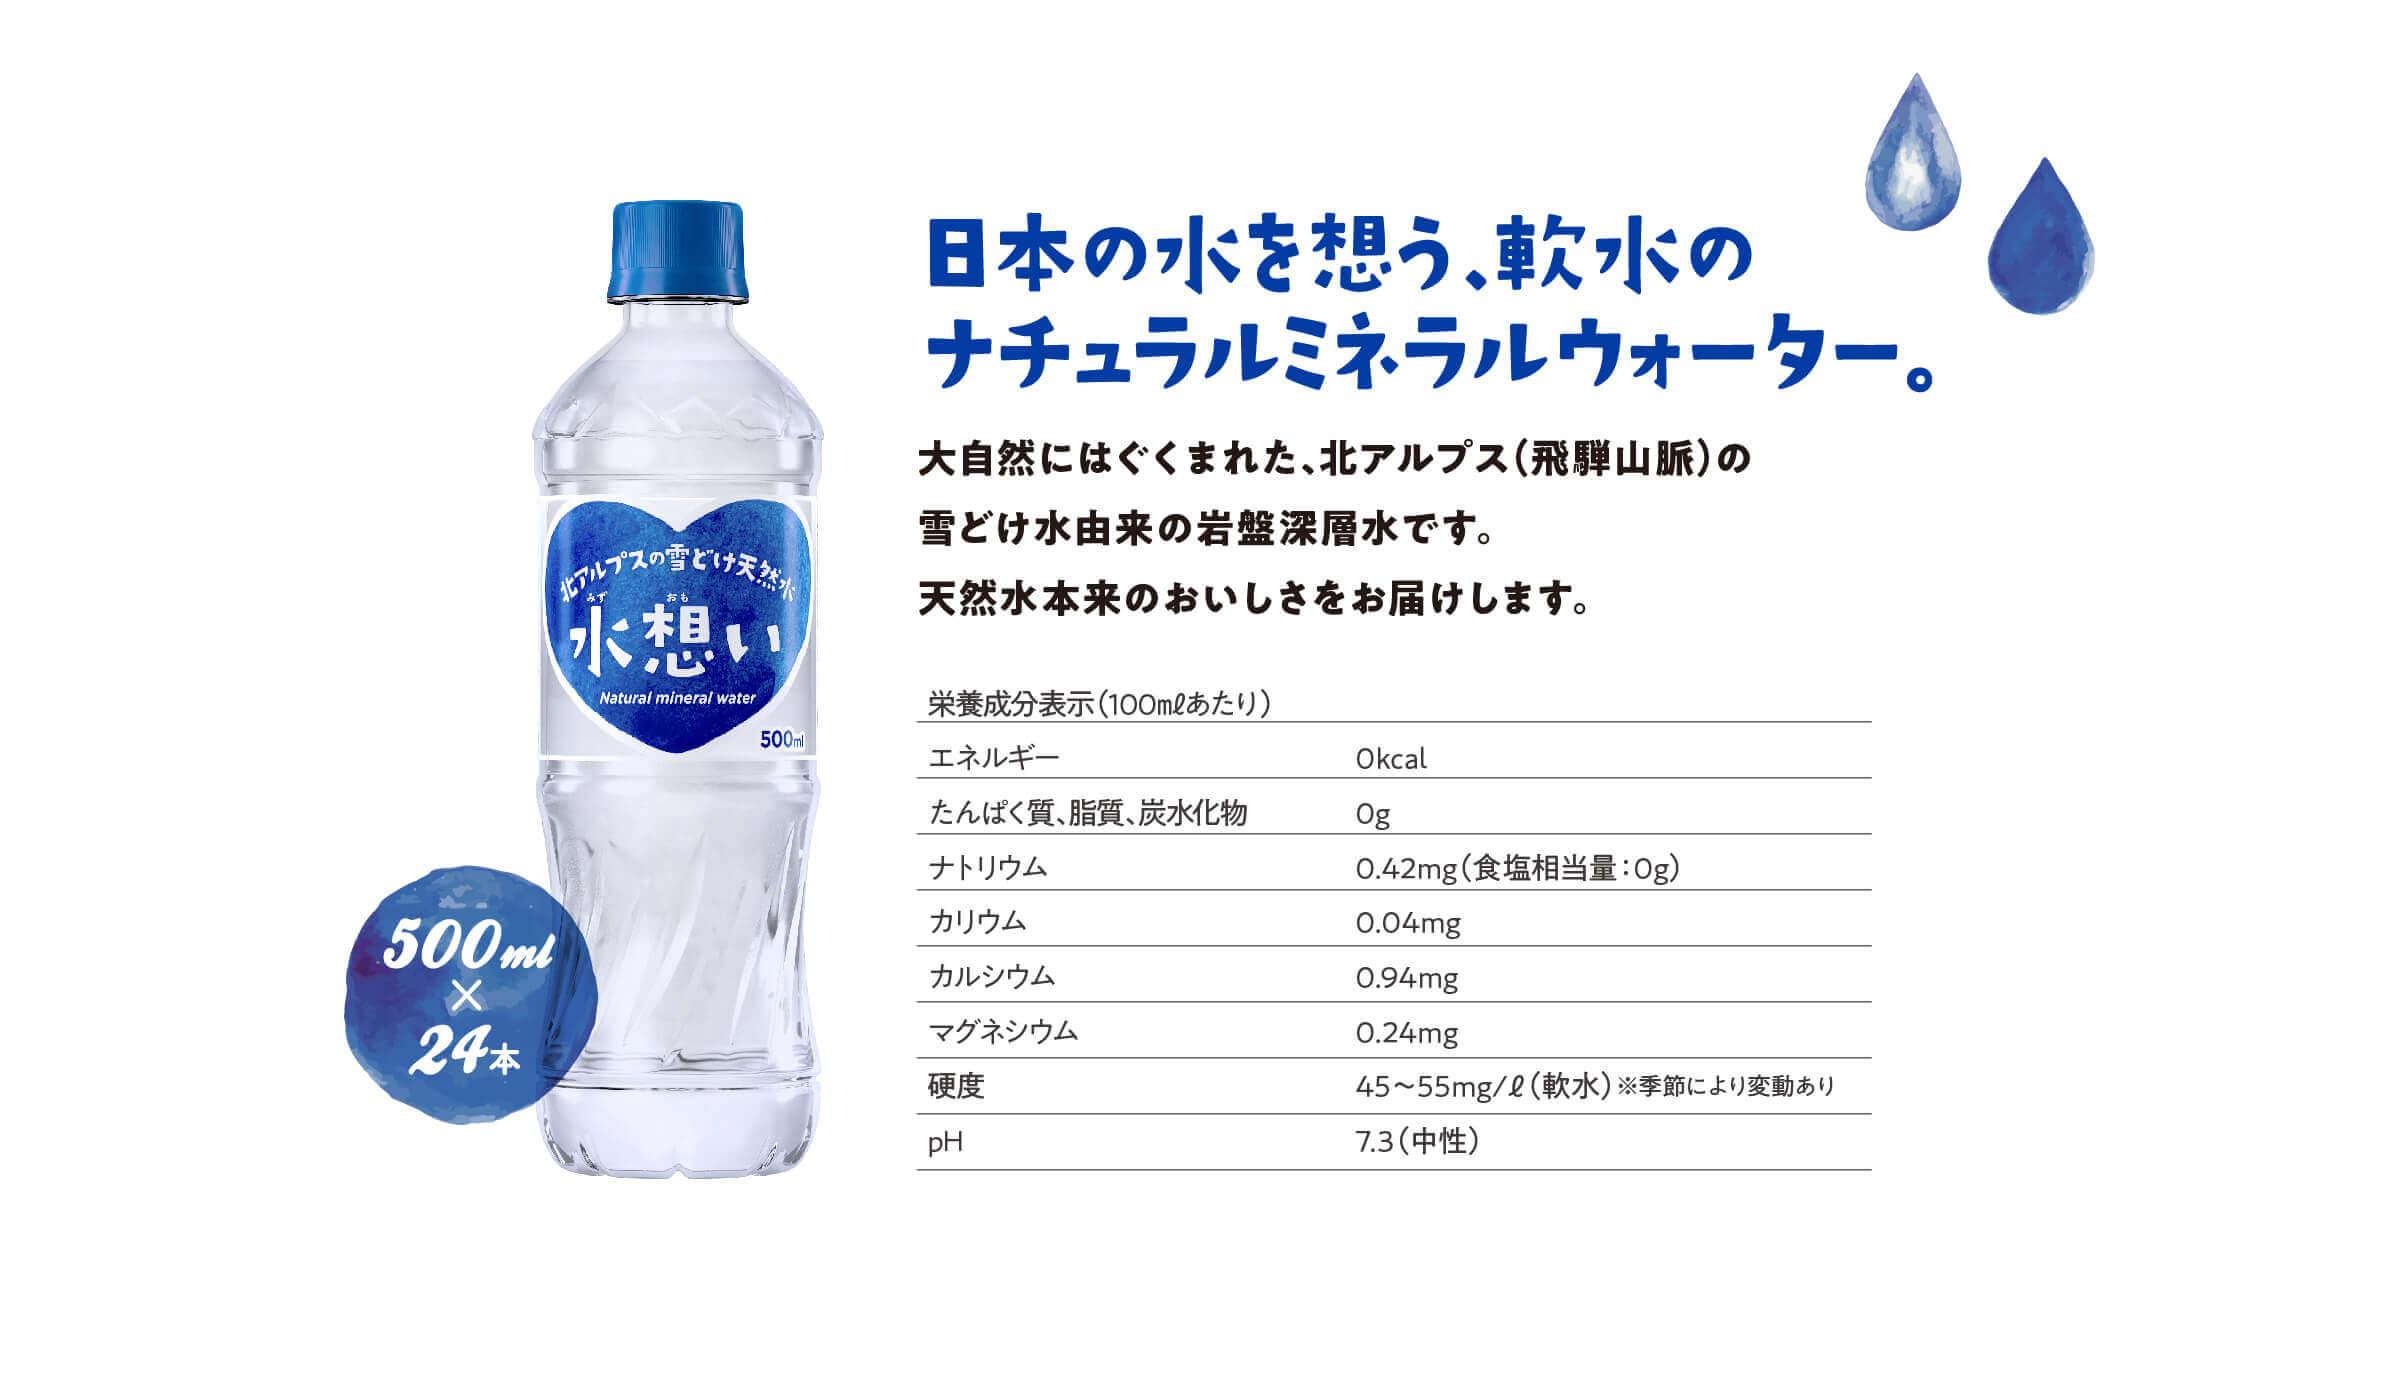 日本の水を想う、軟水のナチュラルミネラルウォーター。